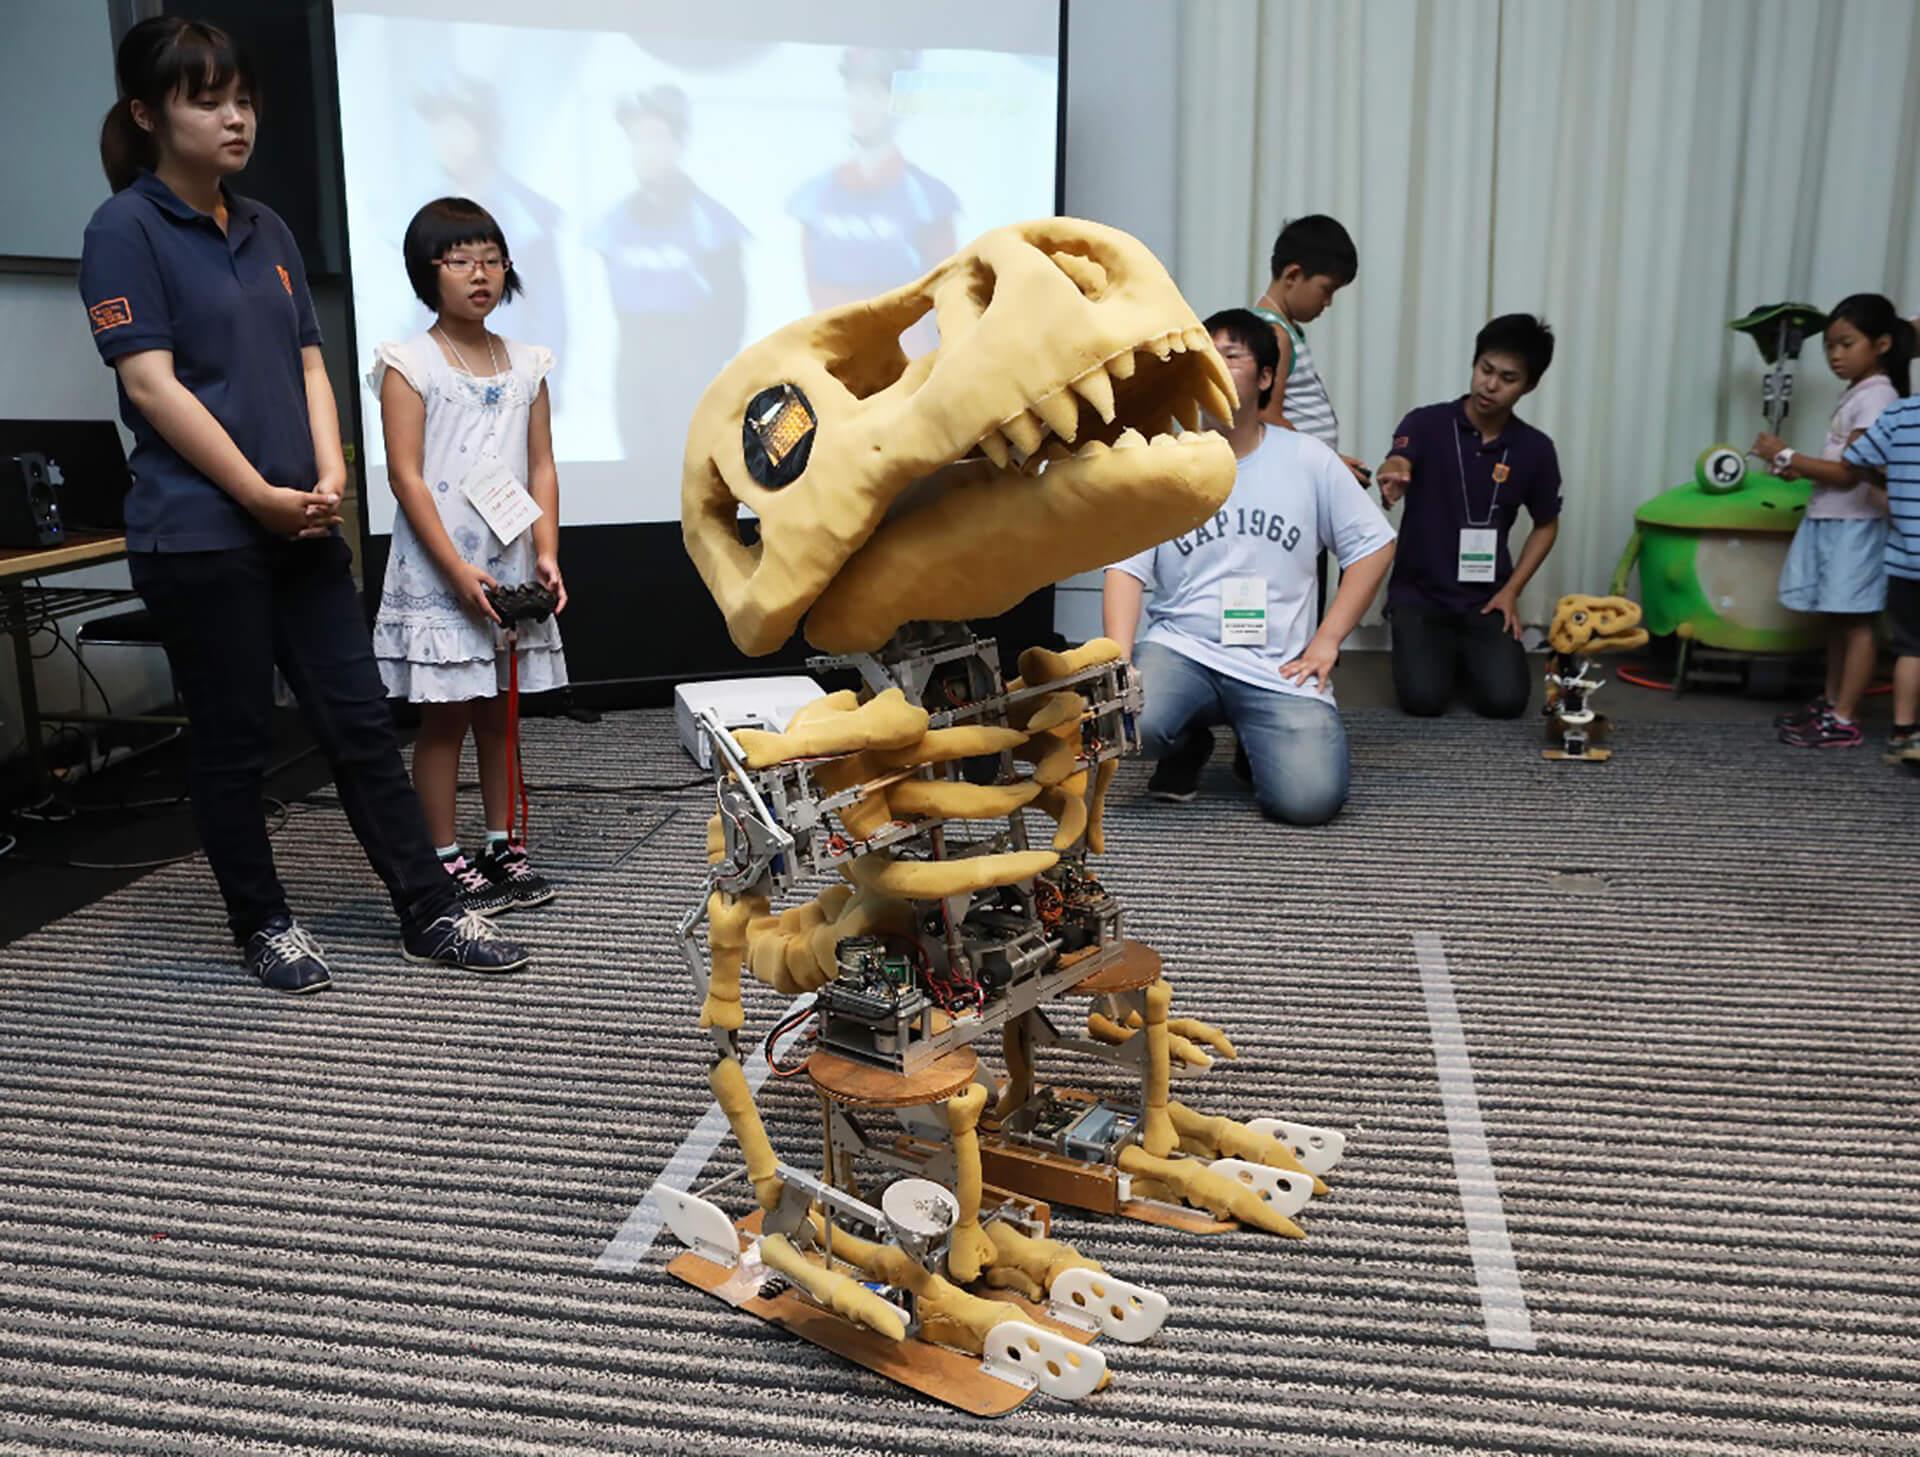 この写真は会場に展示されていた恐竜ロボットです